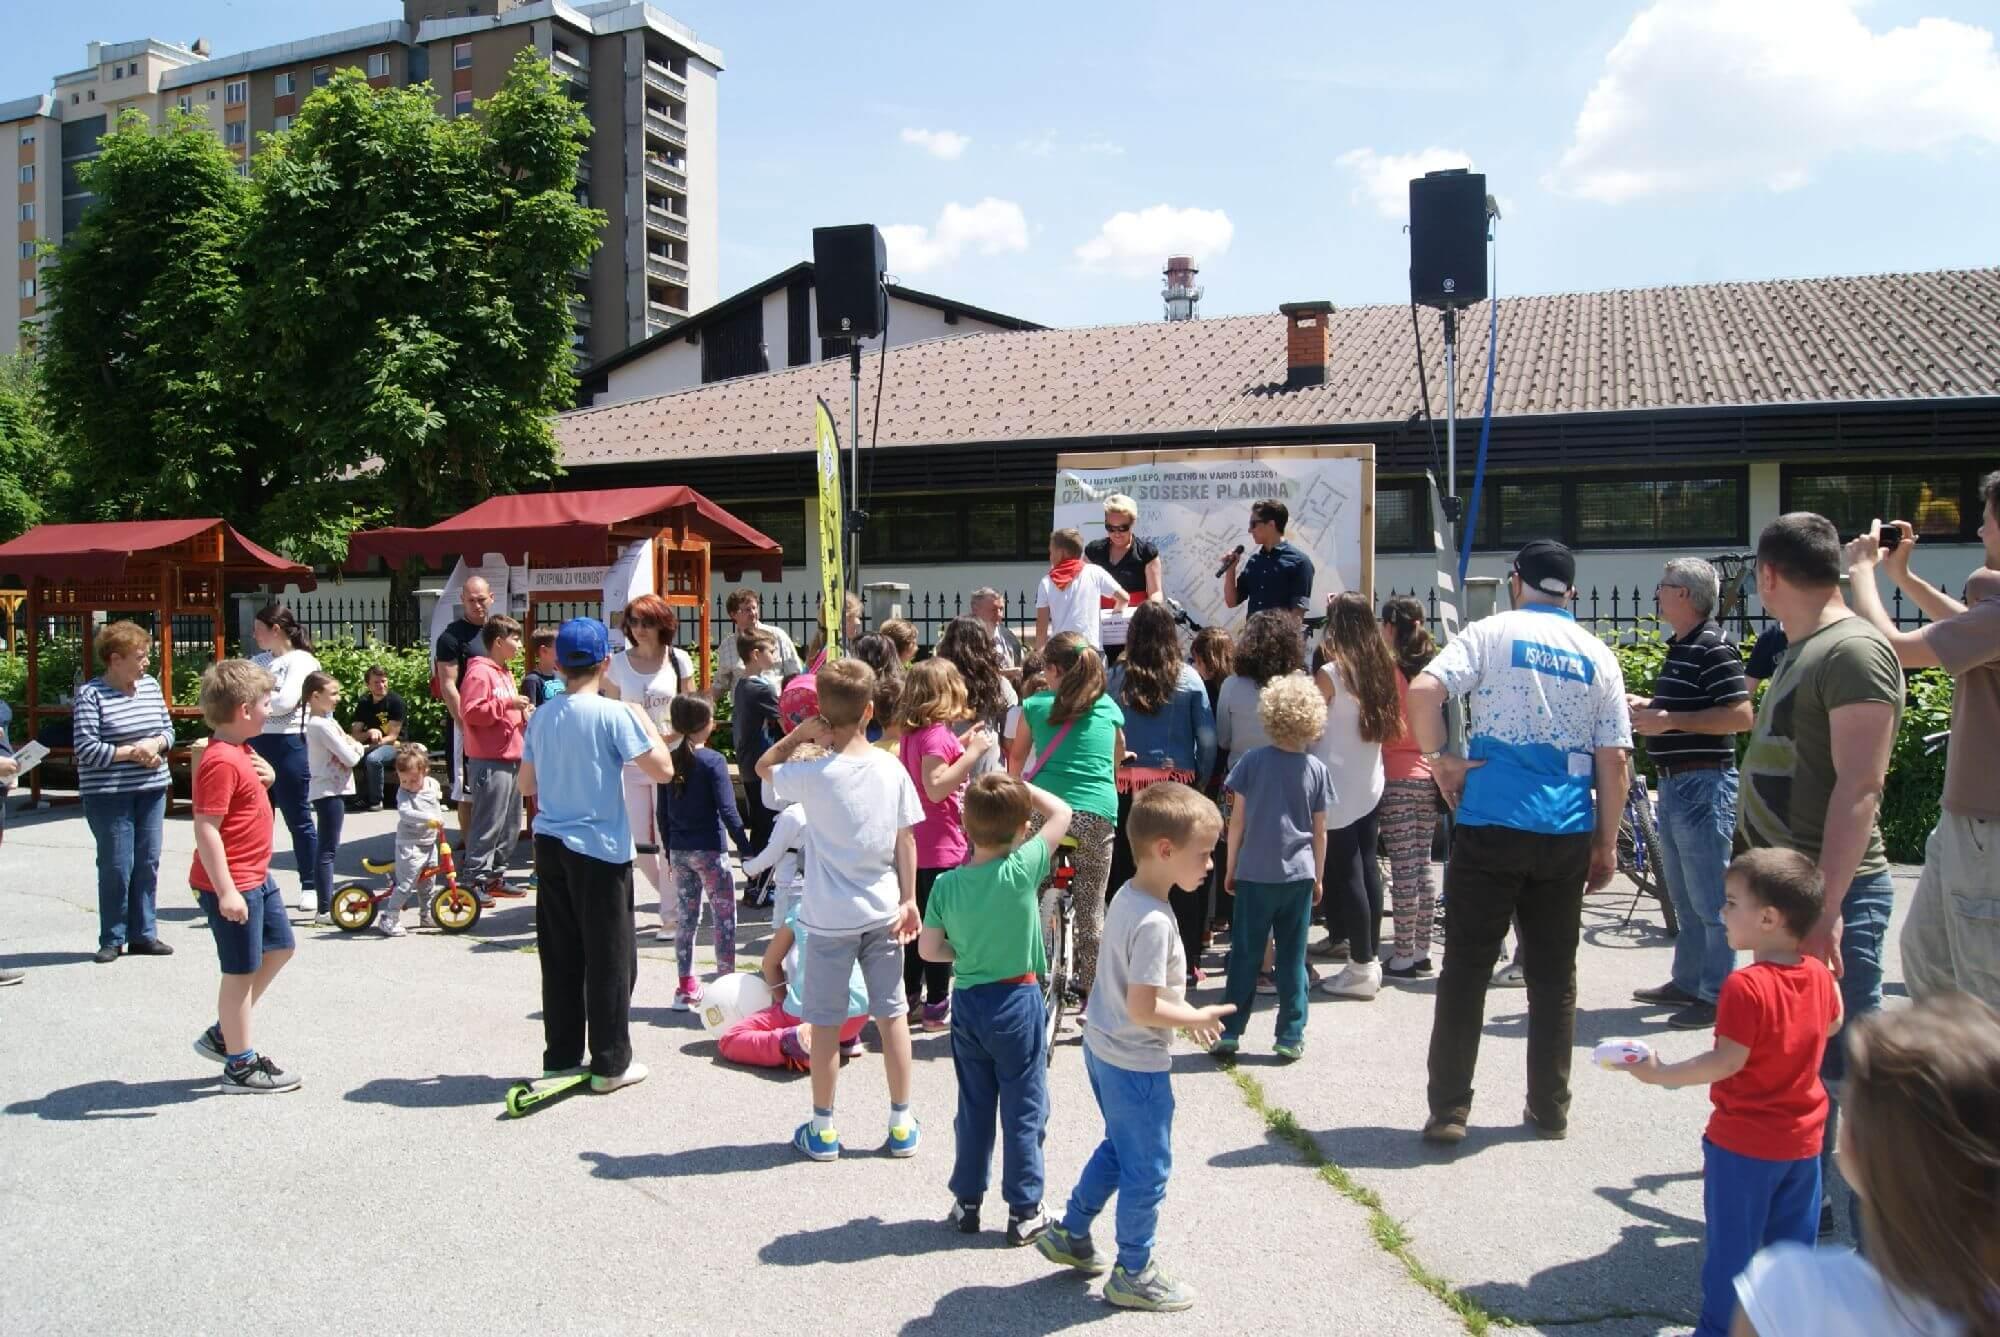 Mesta mestom #1: Grajenje skupnosti in prenova soseske